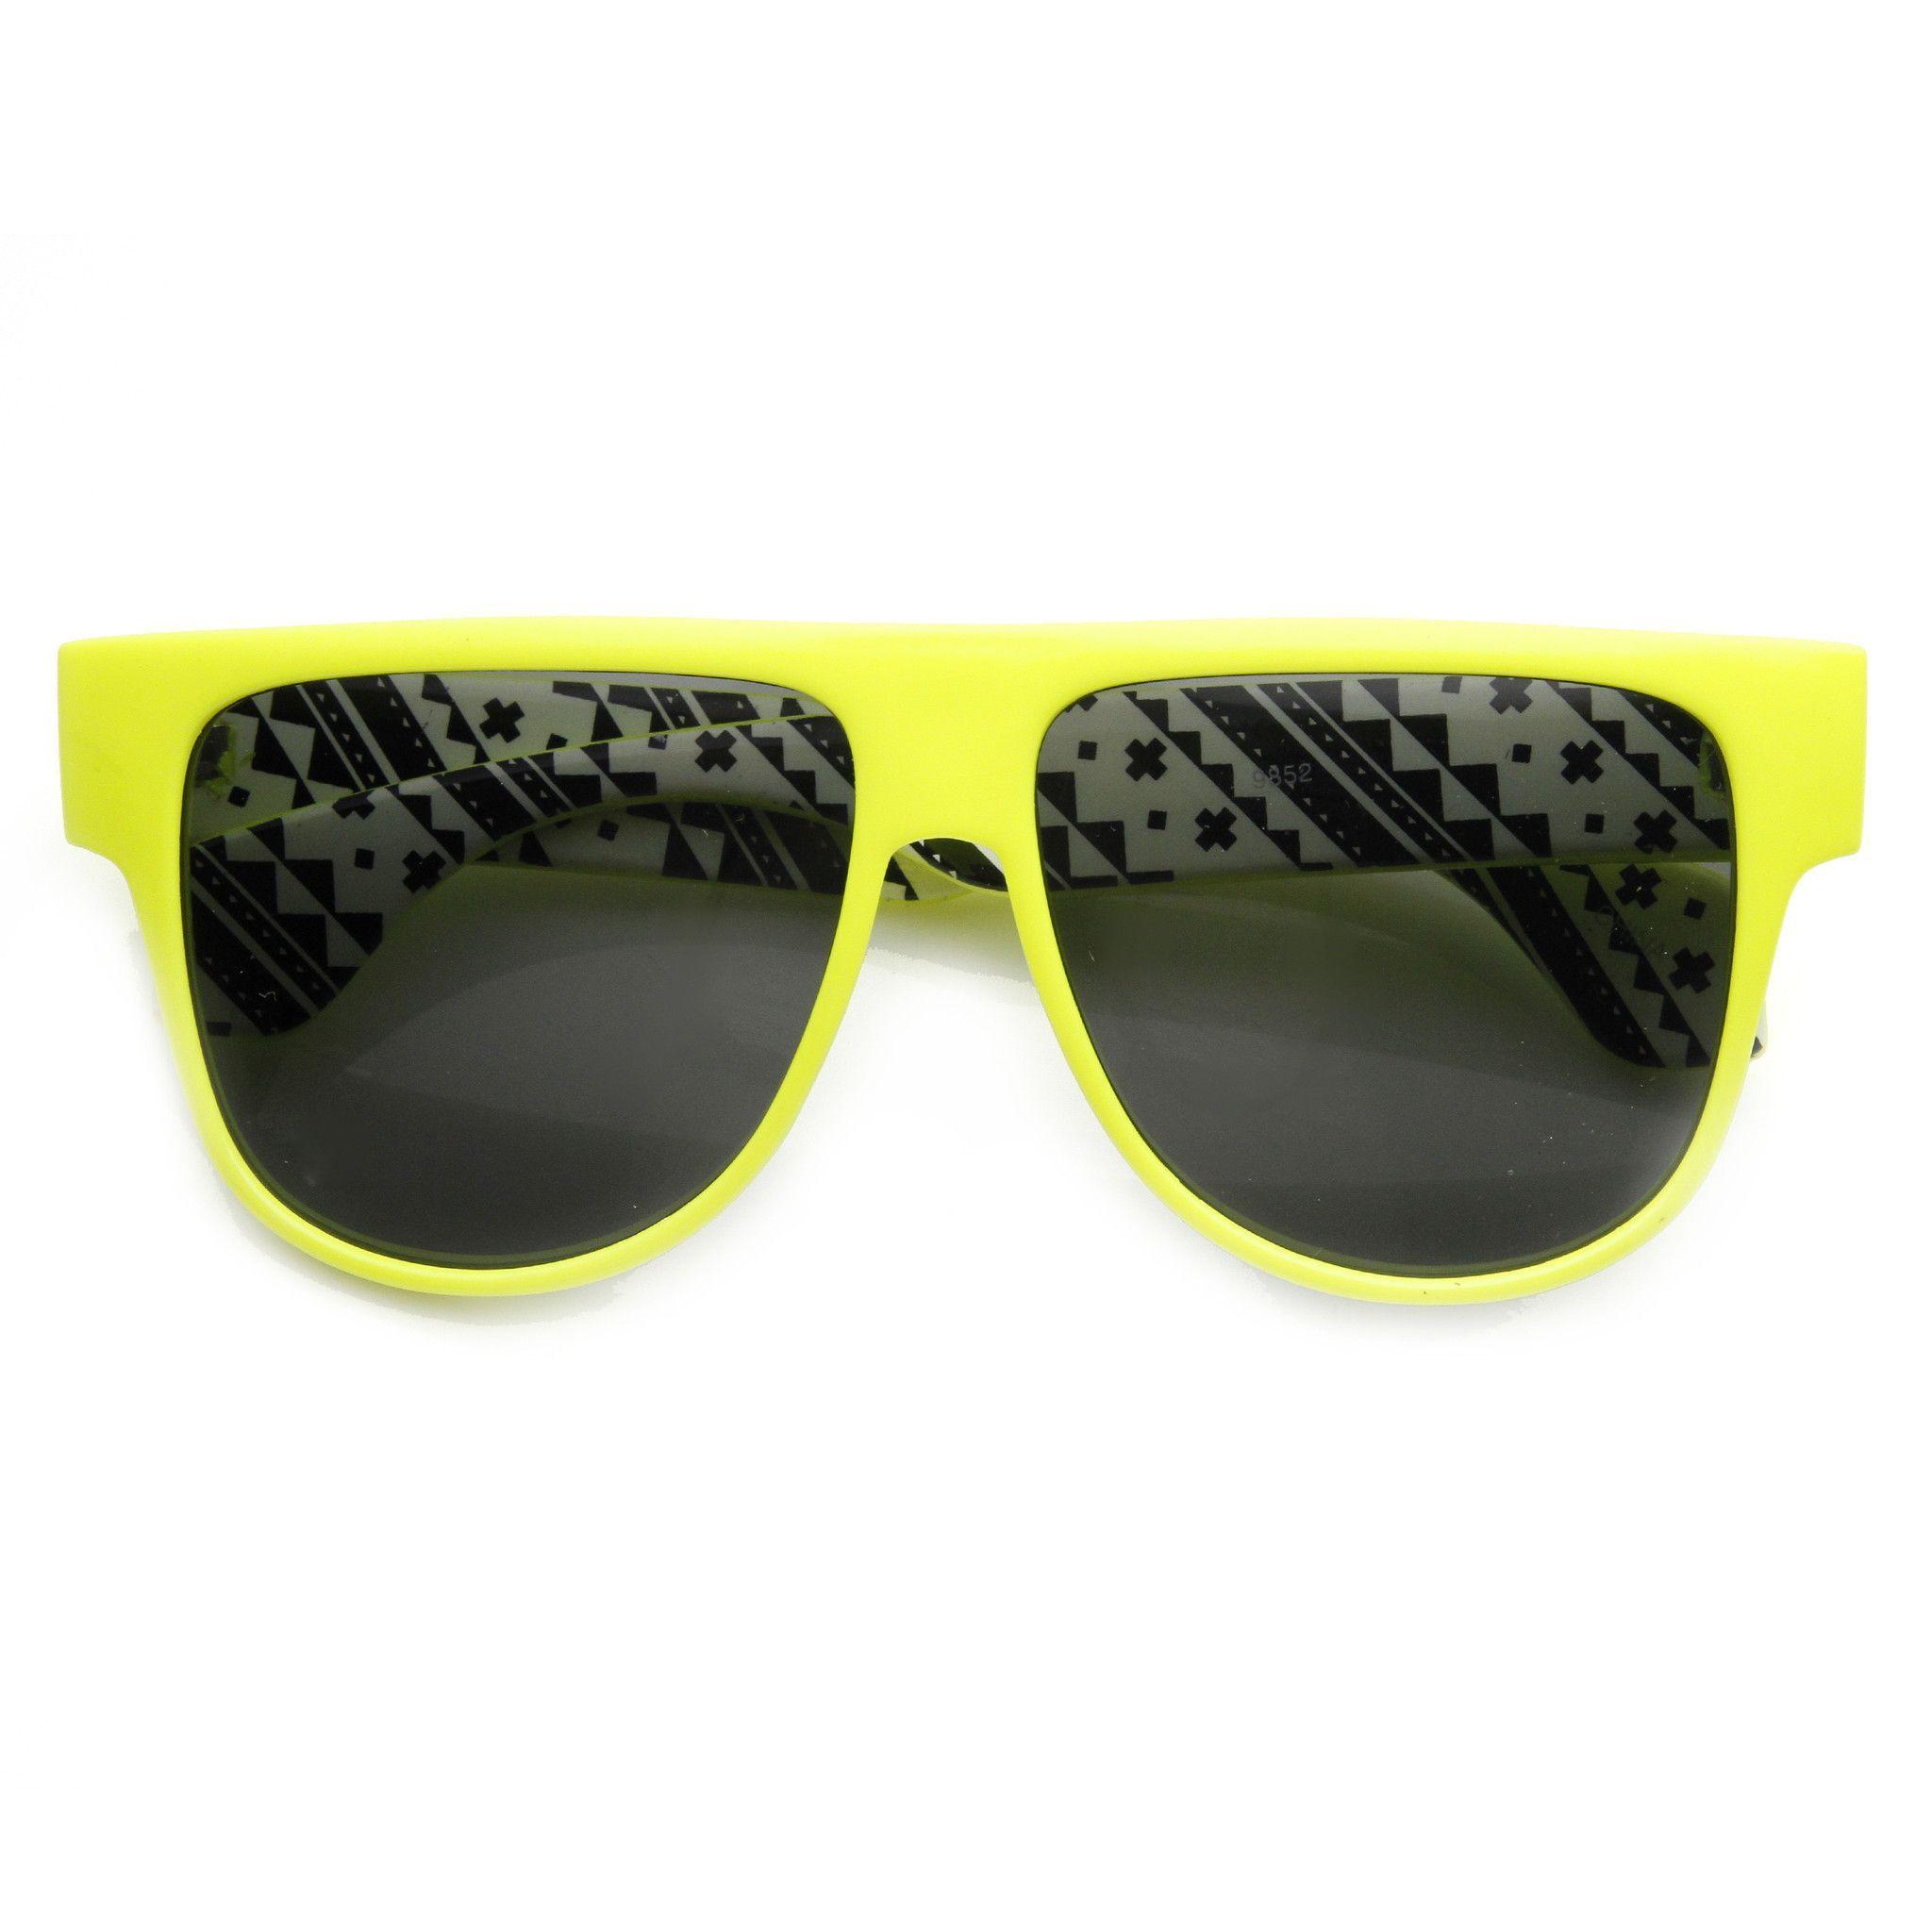 4e193af38a Retro Flat Top Swag Printed Aviator Sunglasses 9190